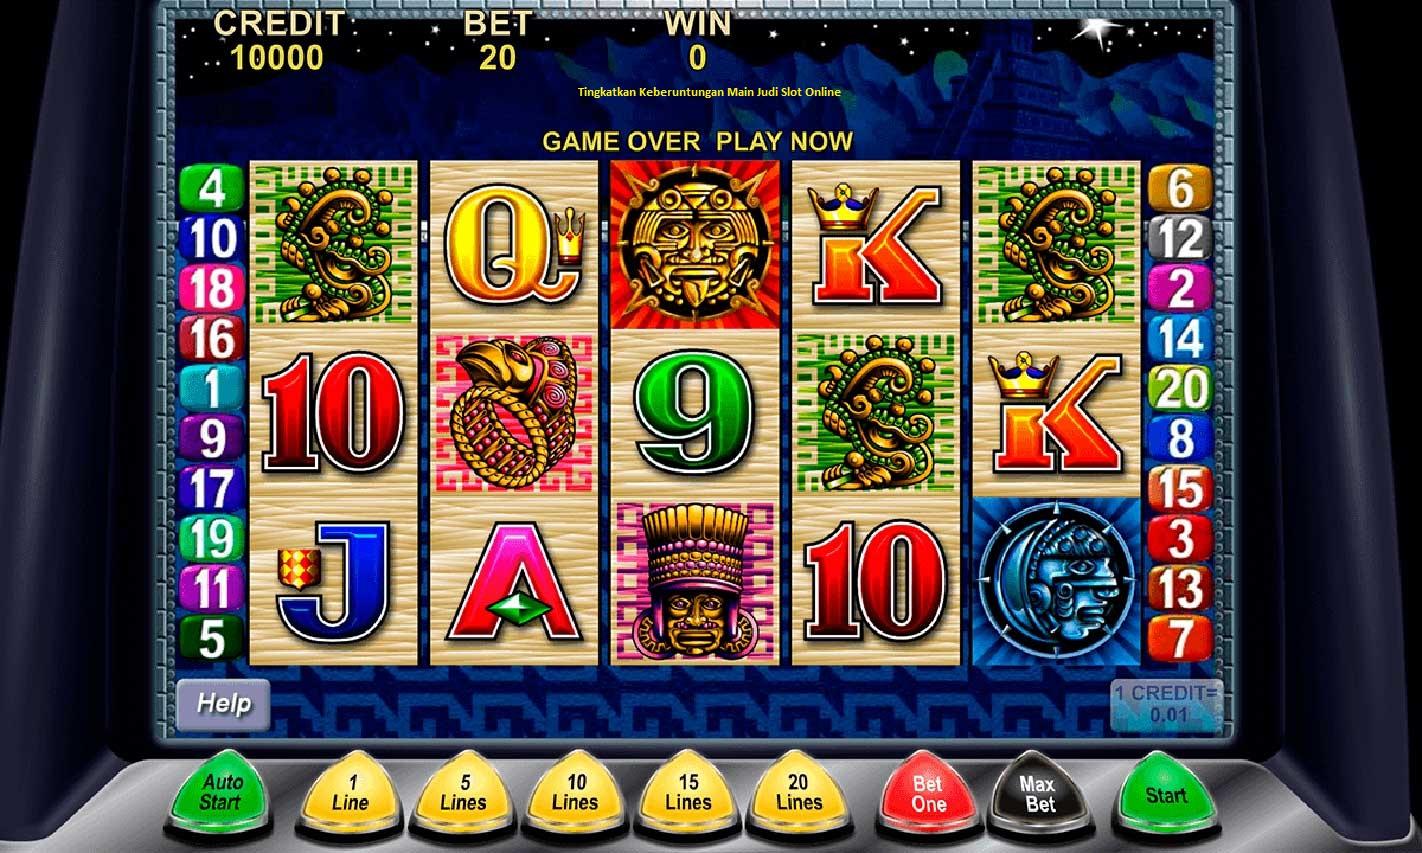 Tingkatkan Keberuntungan Main Judi Slot Online